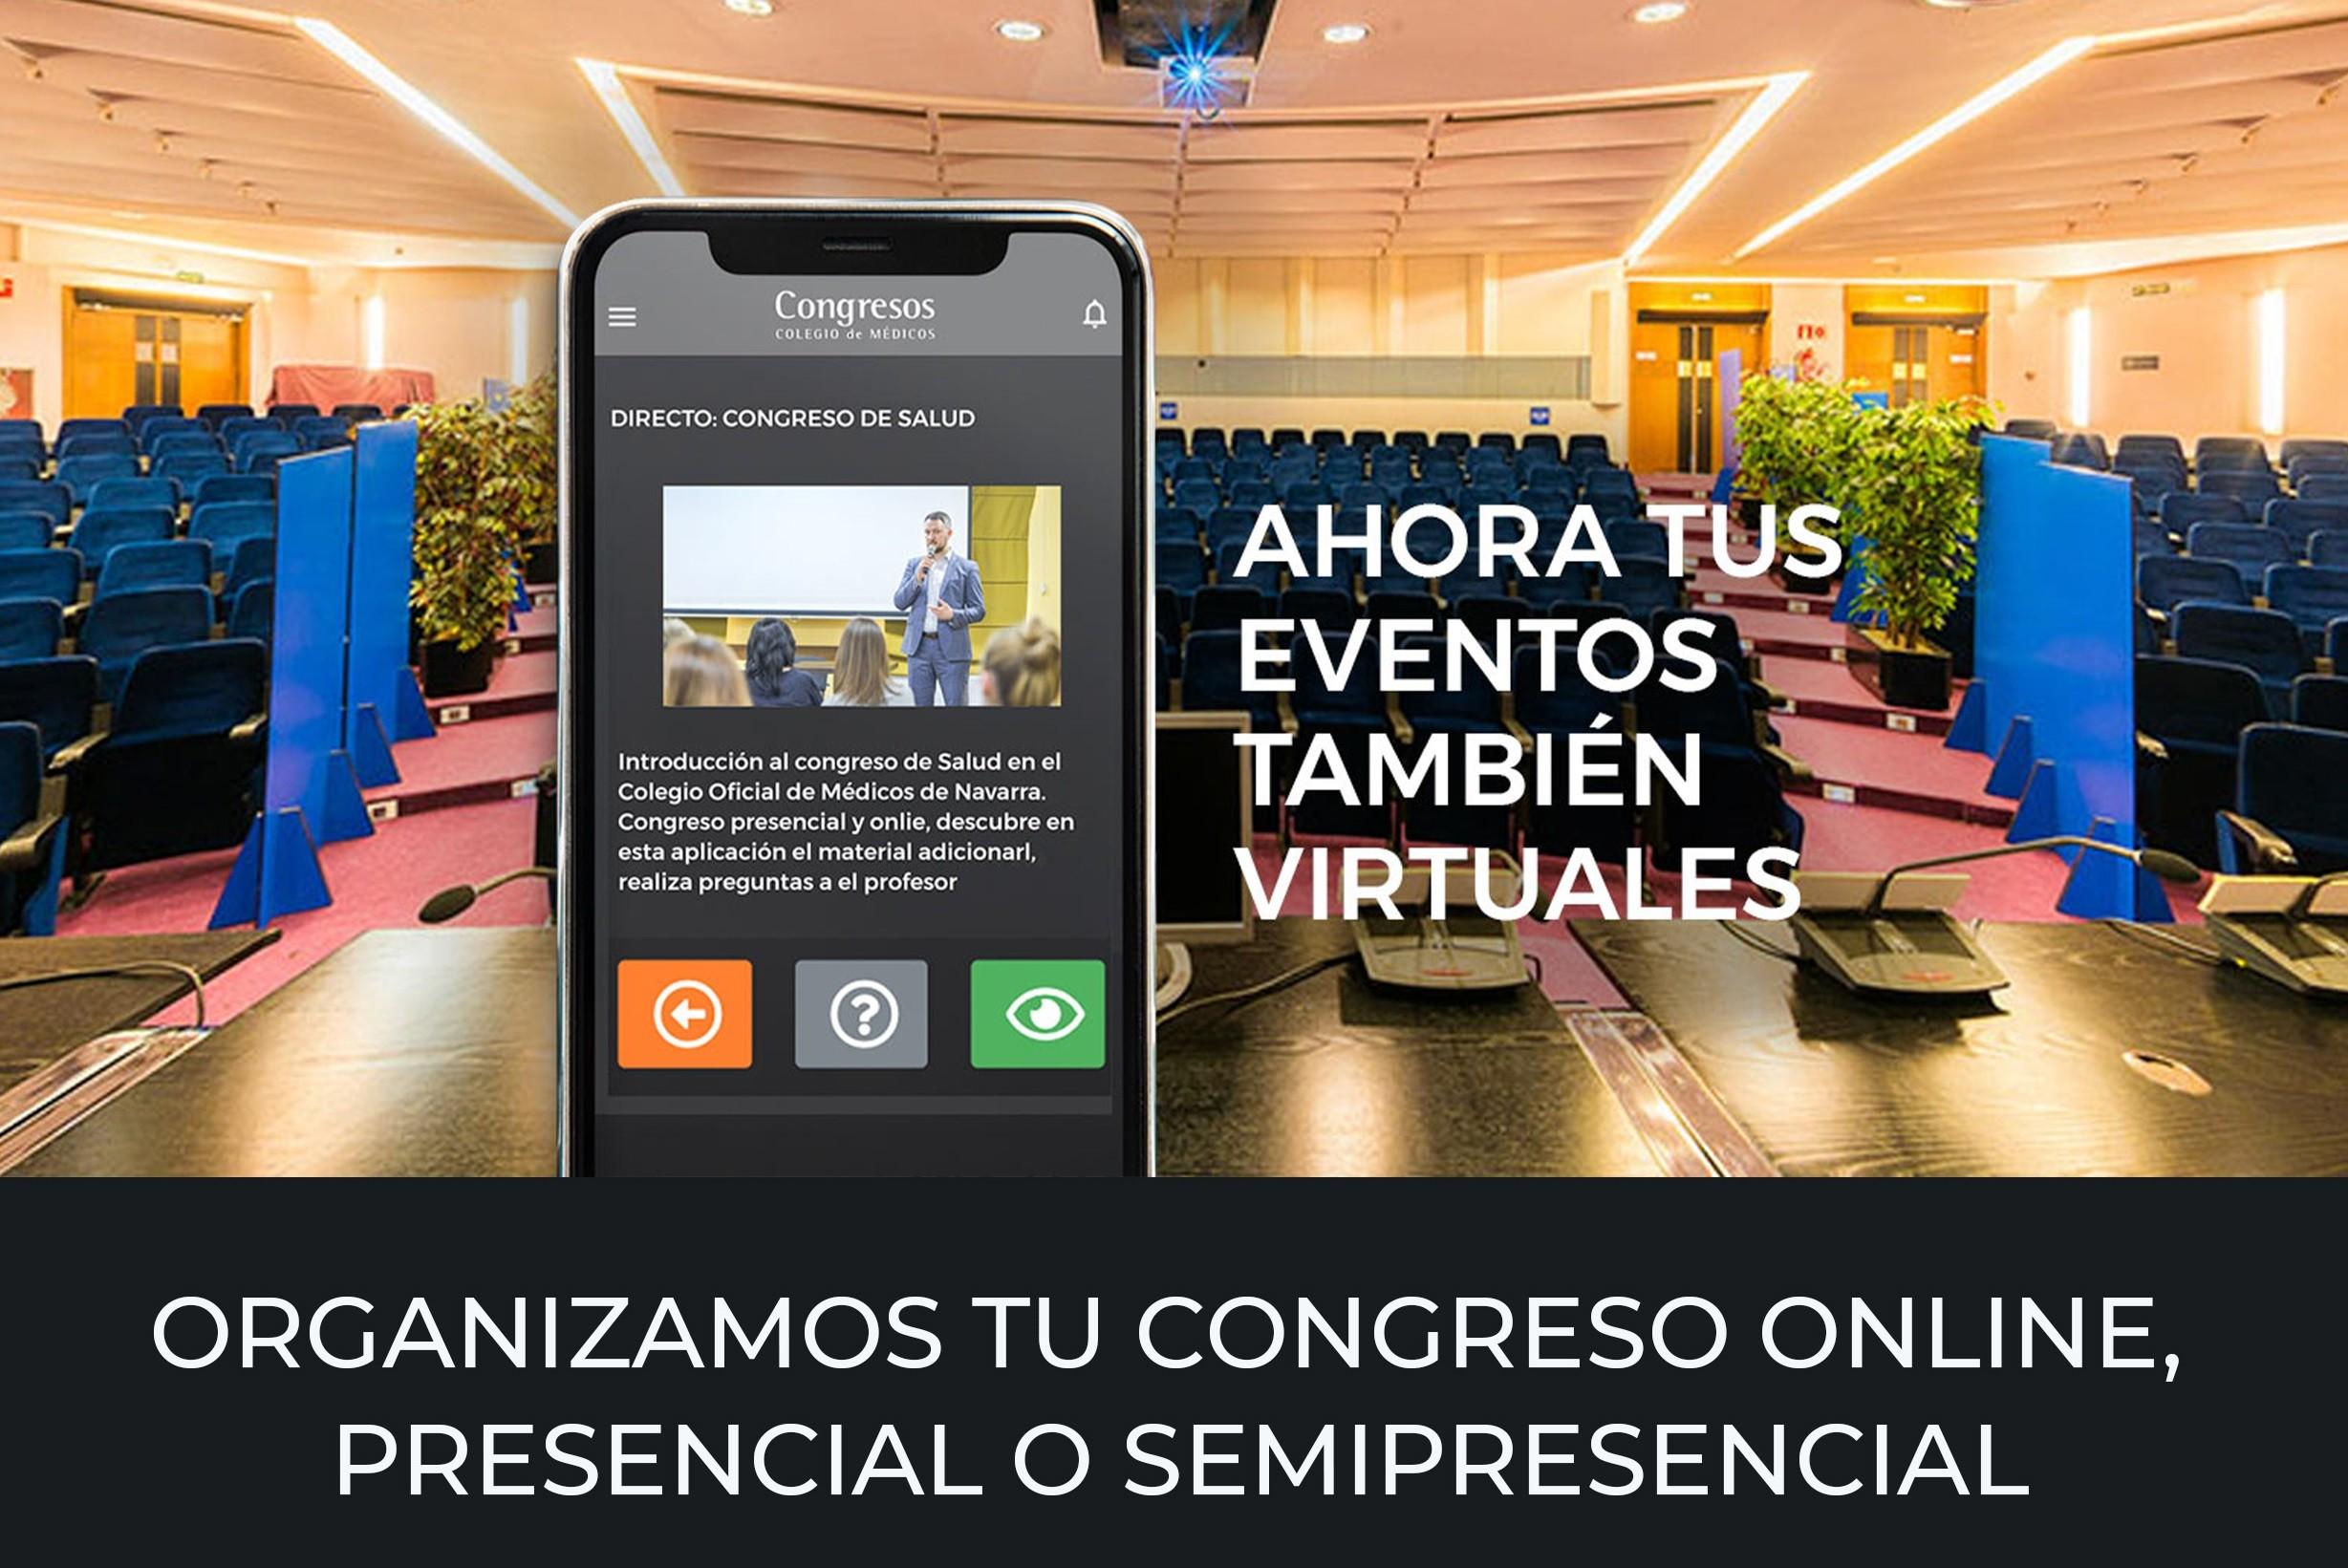 FOTO CONGRESO ONLINE WEB